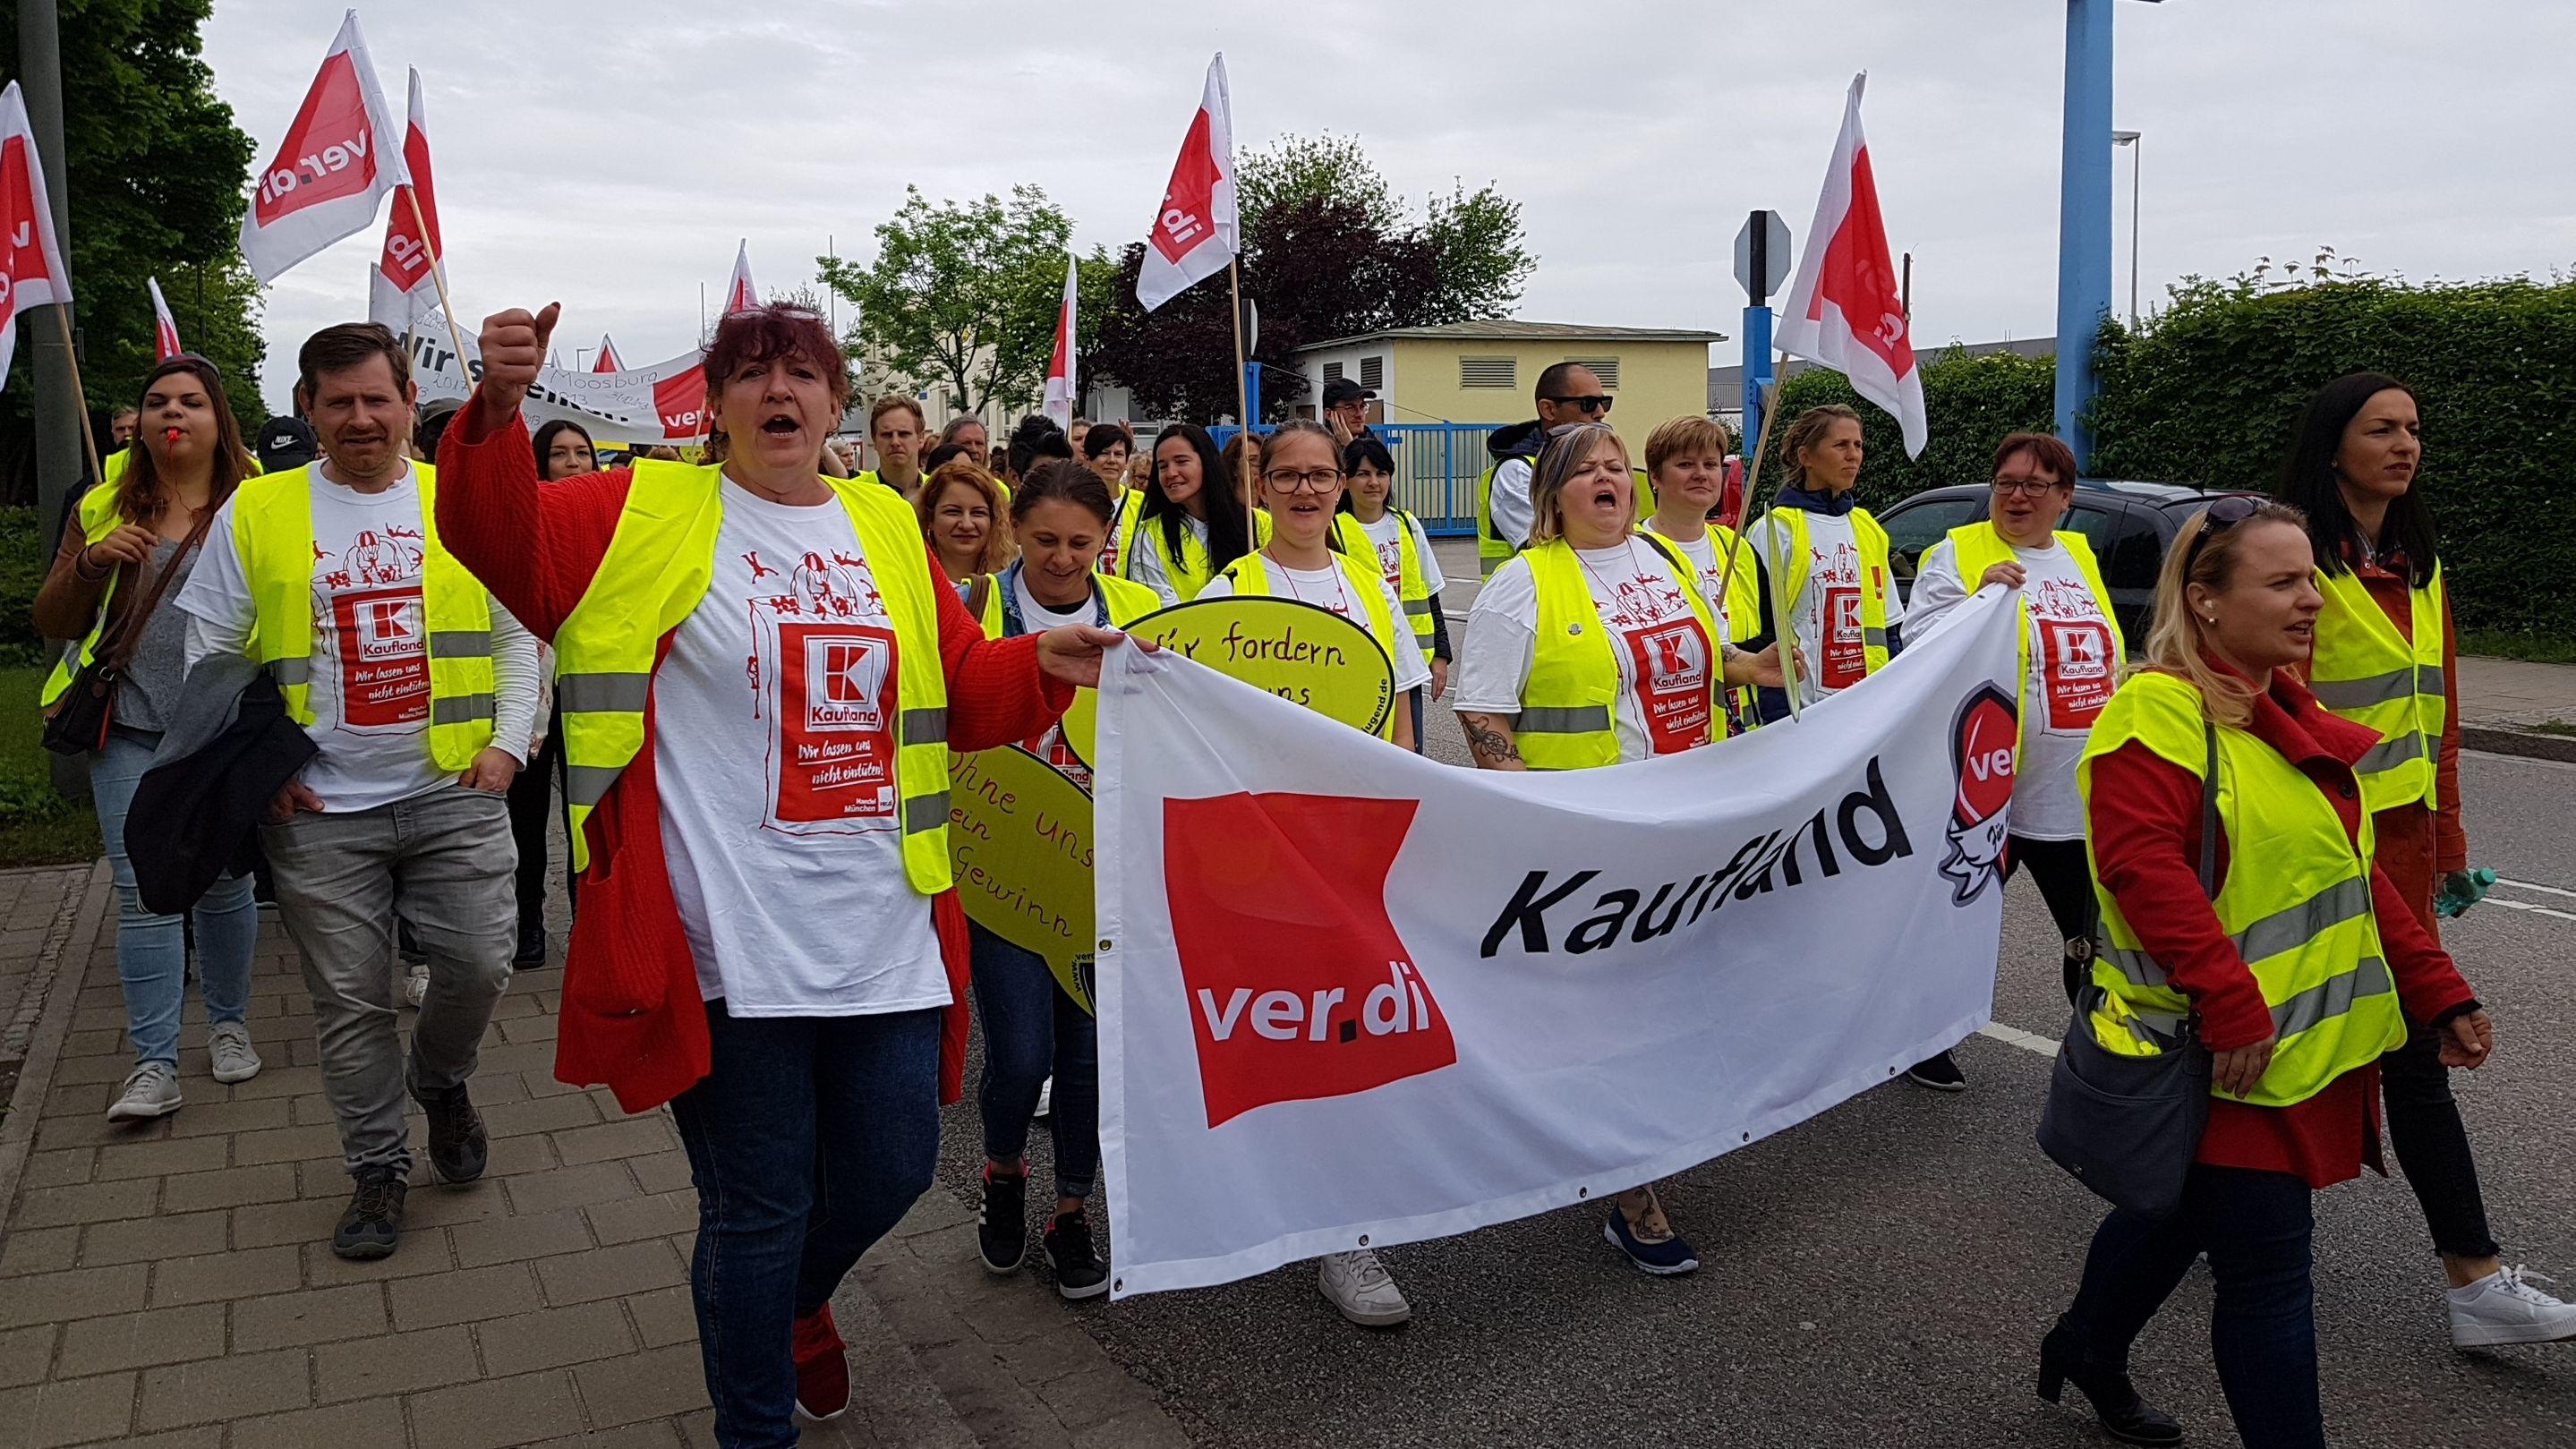 Streikende in Eching